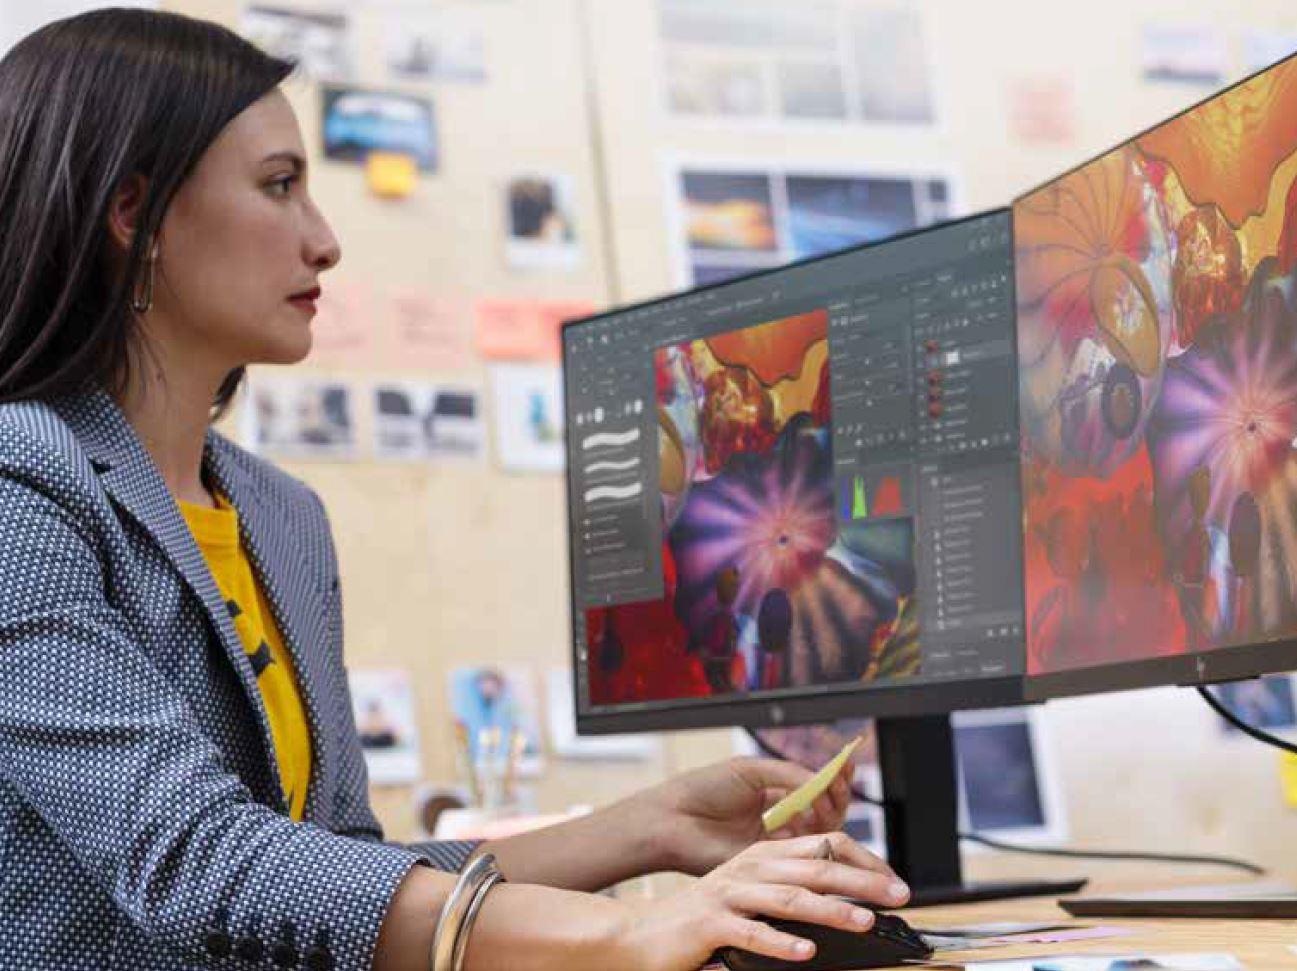 Monitores de HP para trabajo de alto rendimiento.